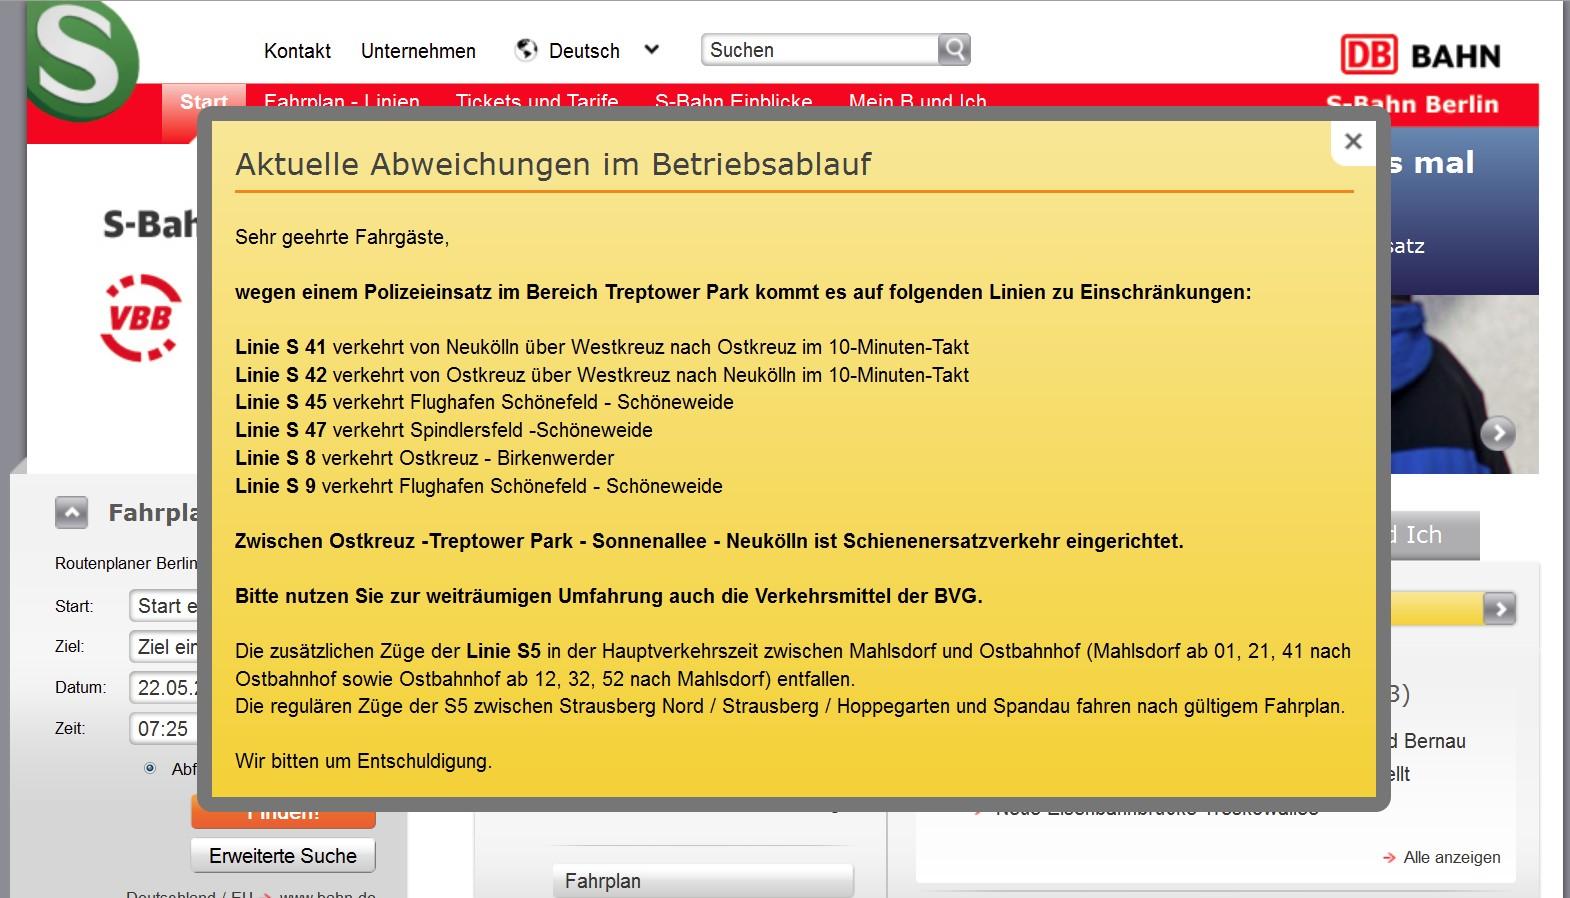 Störungsmeldung auf der Webpage der S-Bahn Berlin GmbH am 22.05.2012, ca. 07:30 Uhr